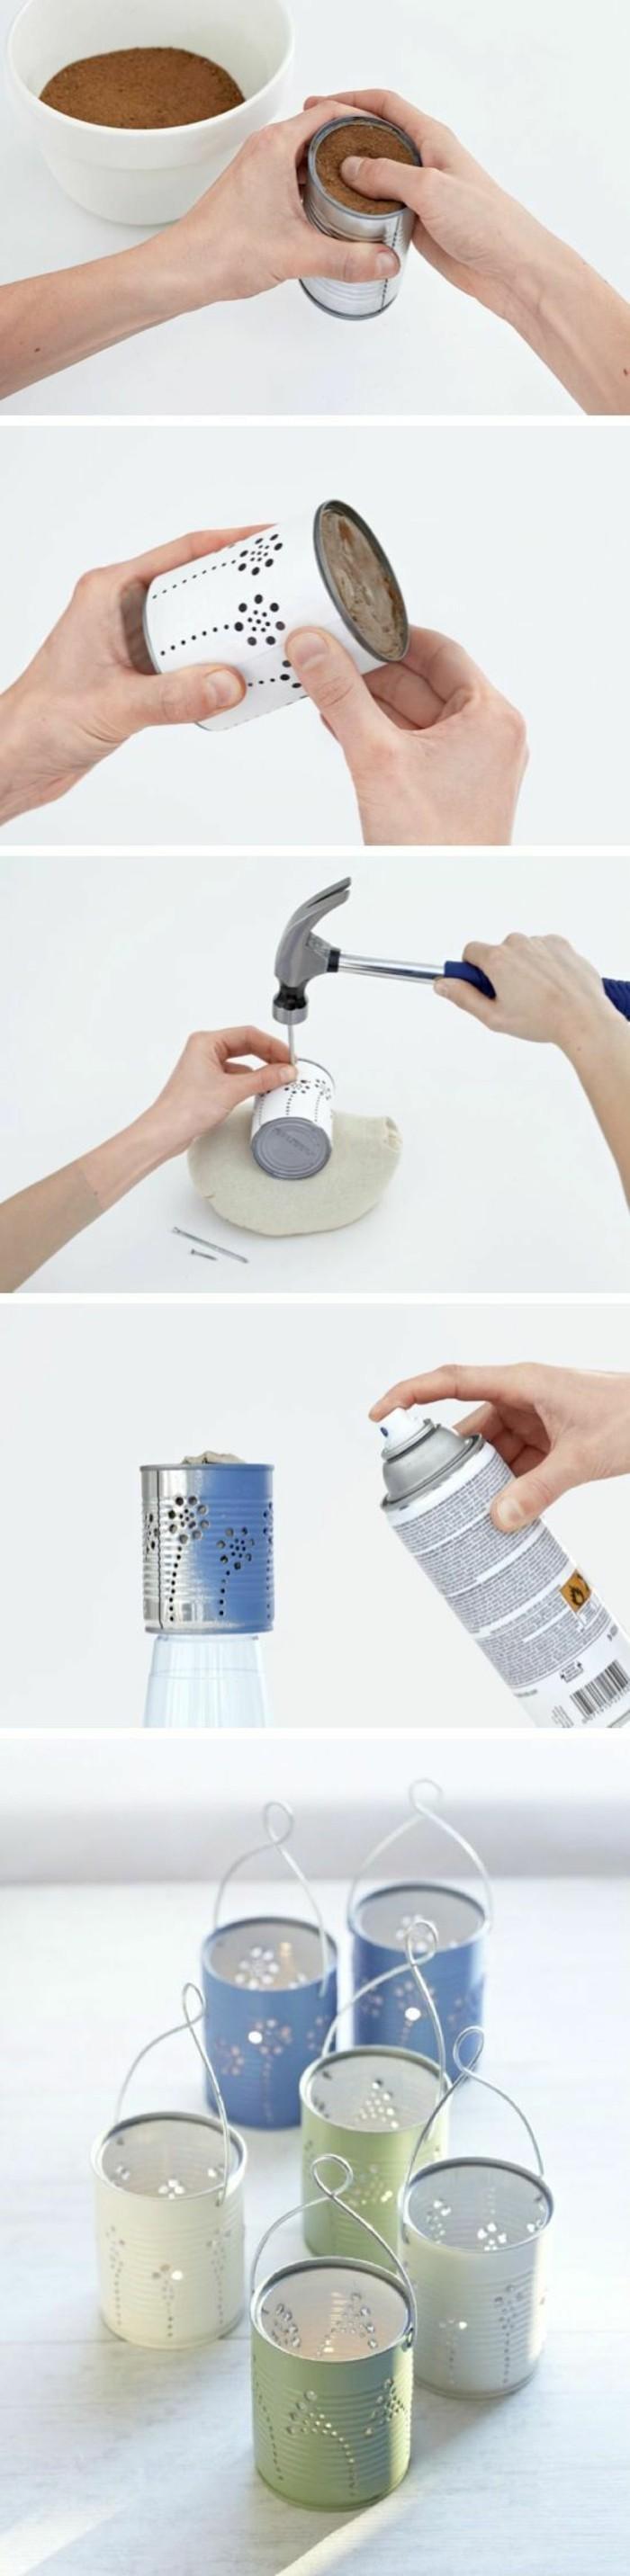 basteln-mit-konservendosen-spray-flasche-kerzenhalter-selber-machen-hammer